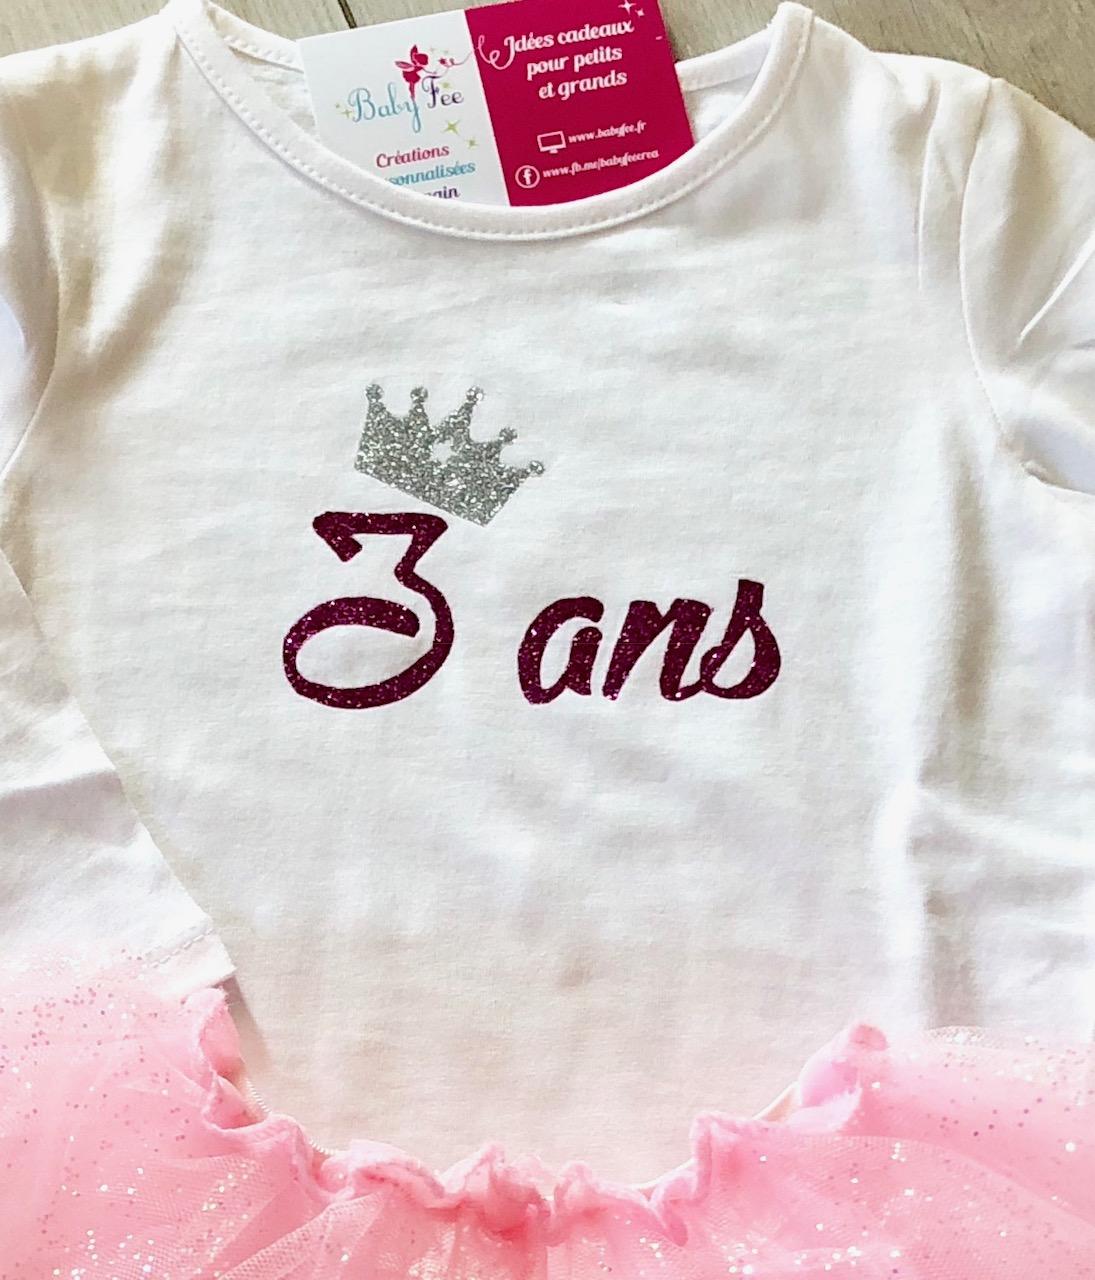 meilleure sélection fb98b 11c21 Tee-shirt bébé - enfant personnalisé fille ou garçon - Baby ...